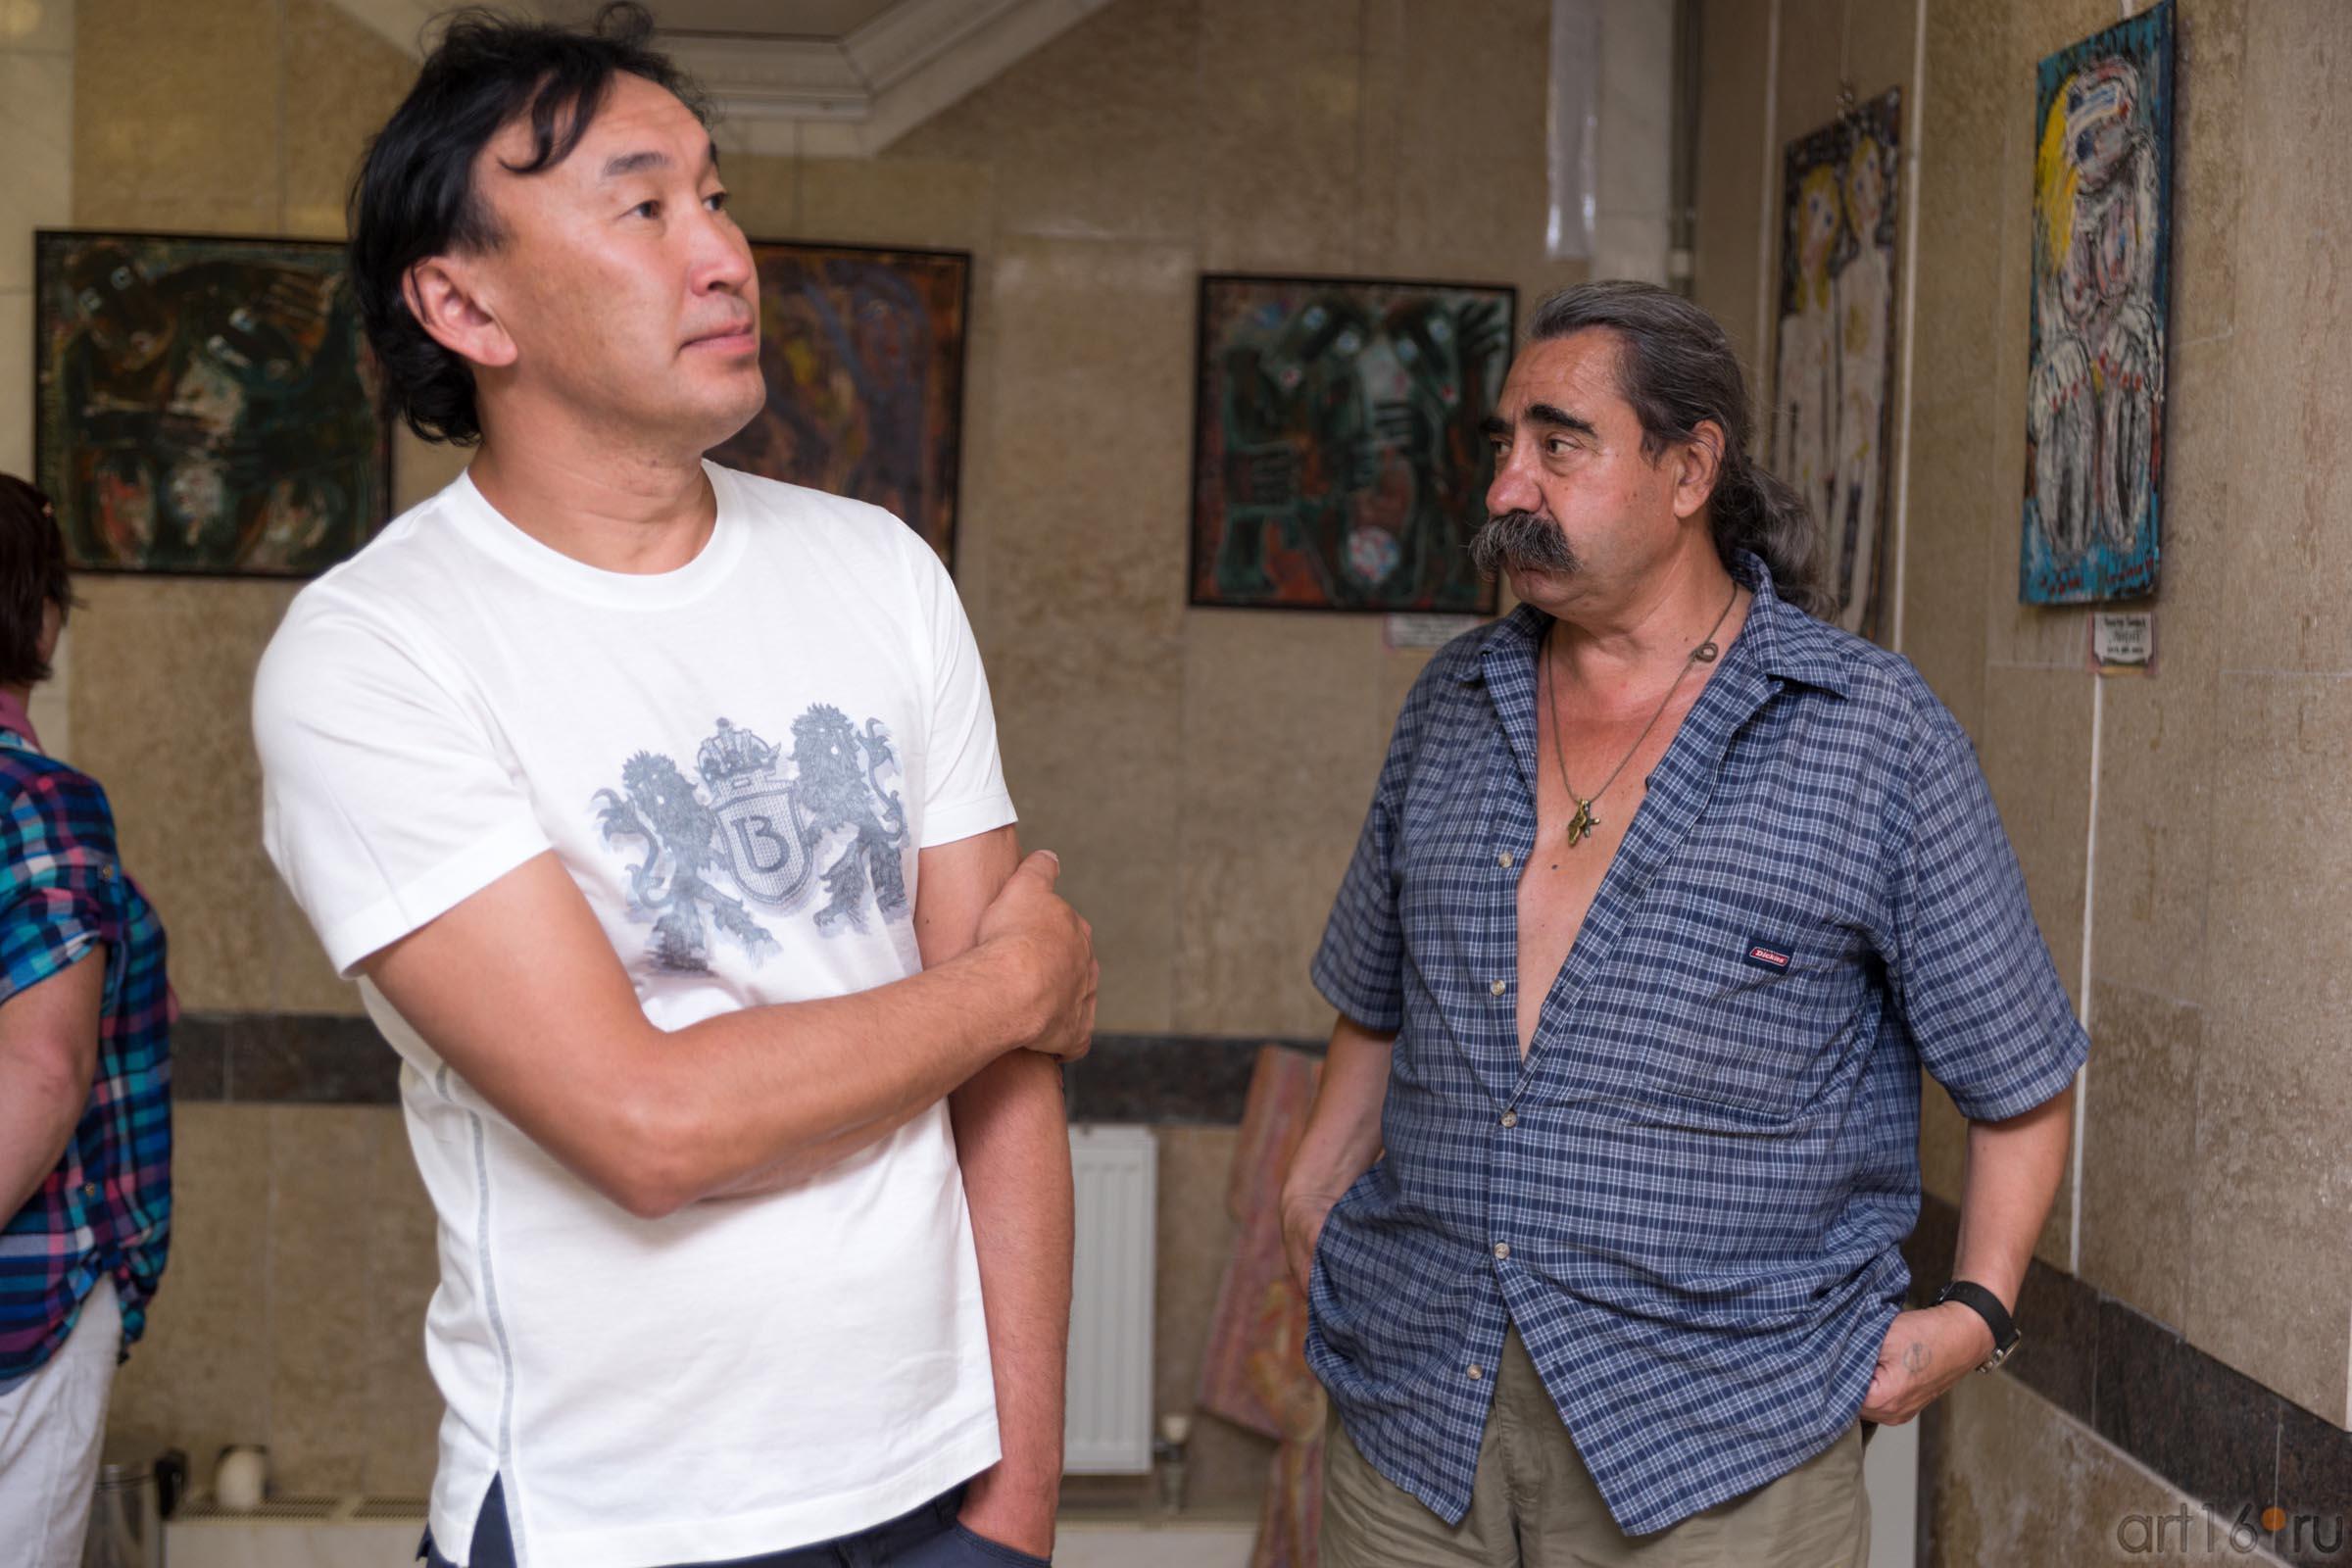 Даши Намдаков, Виктор Тимофеев::Виктор Тимофеев. Выставка «Пора тополиного пуха»